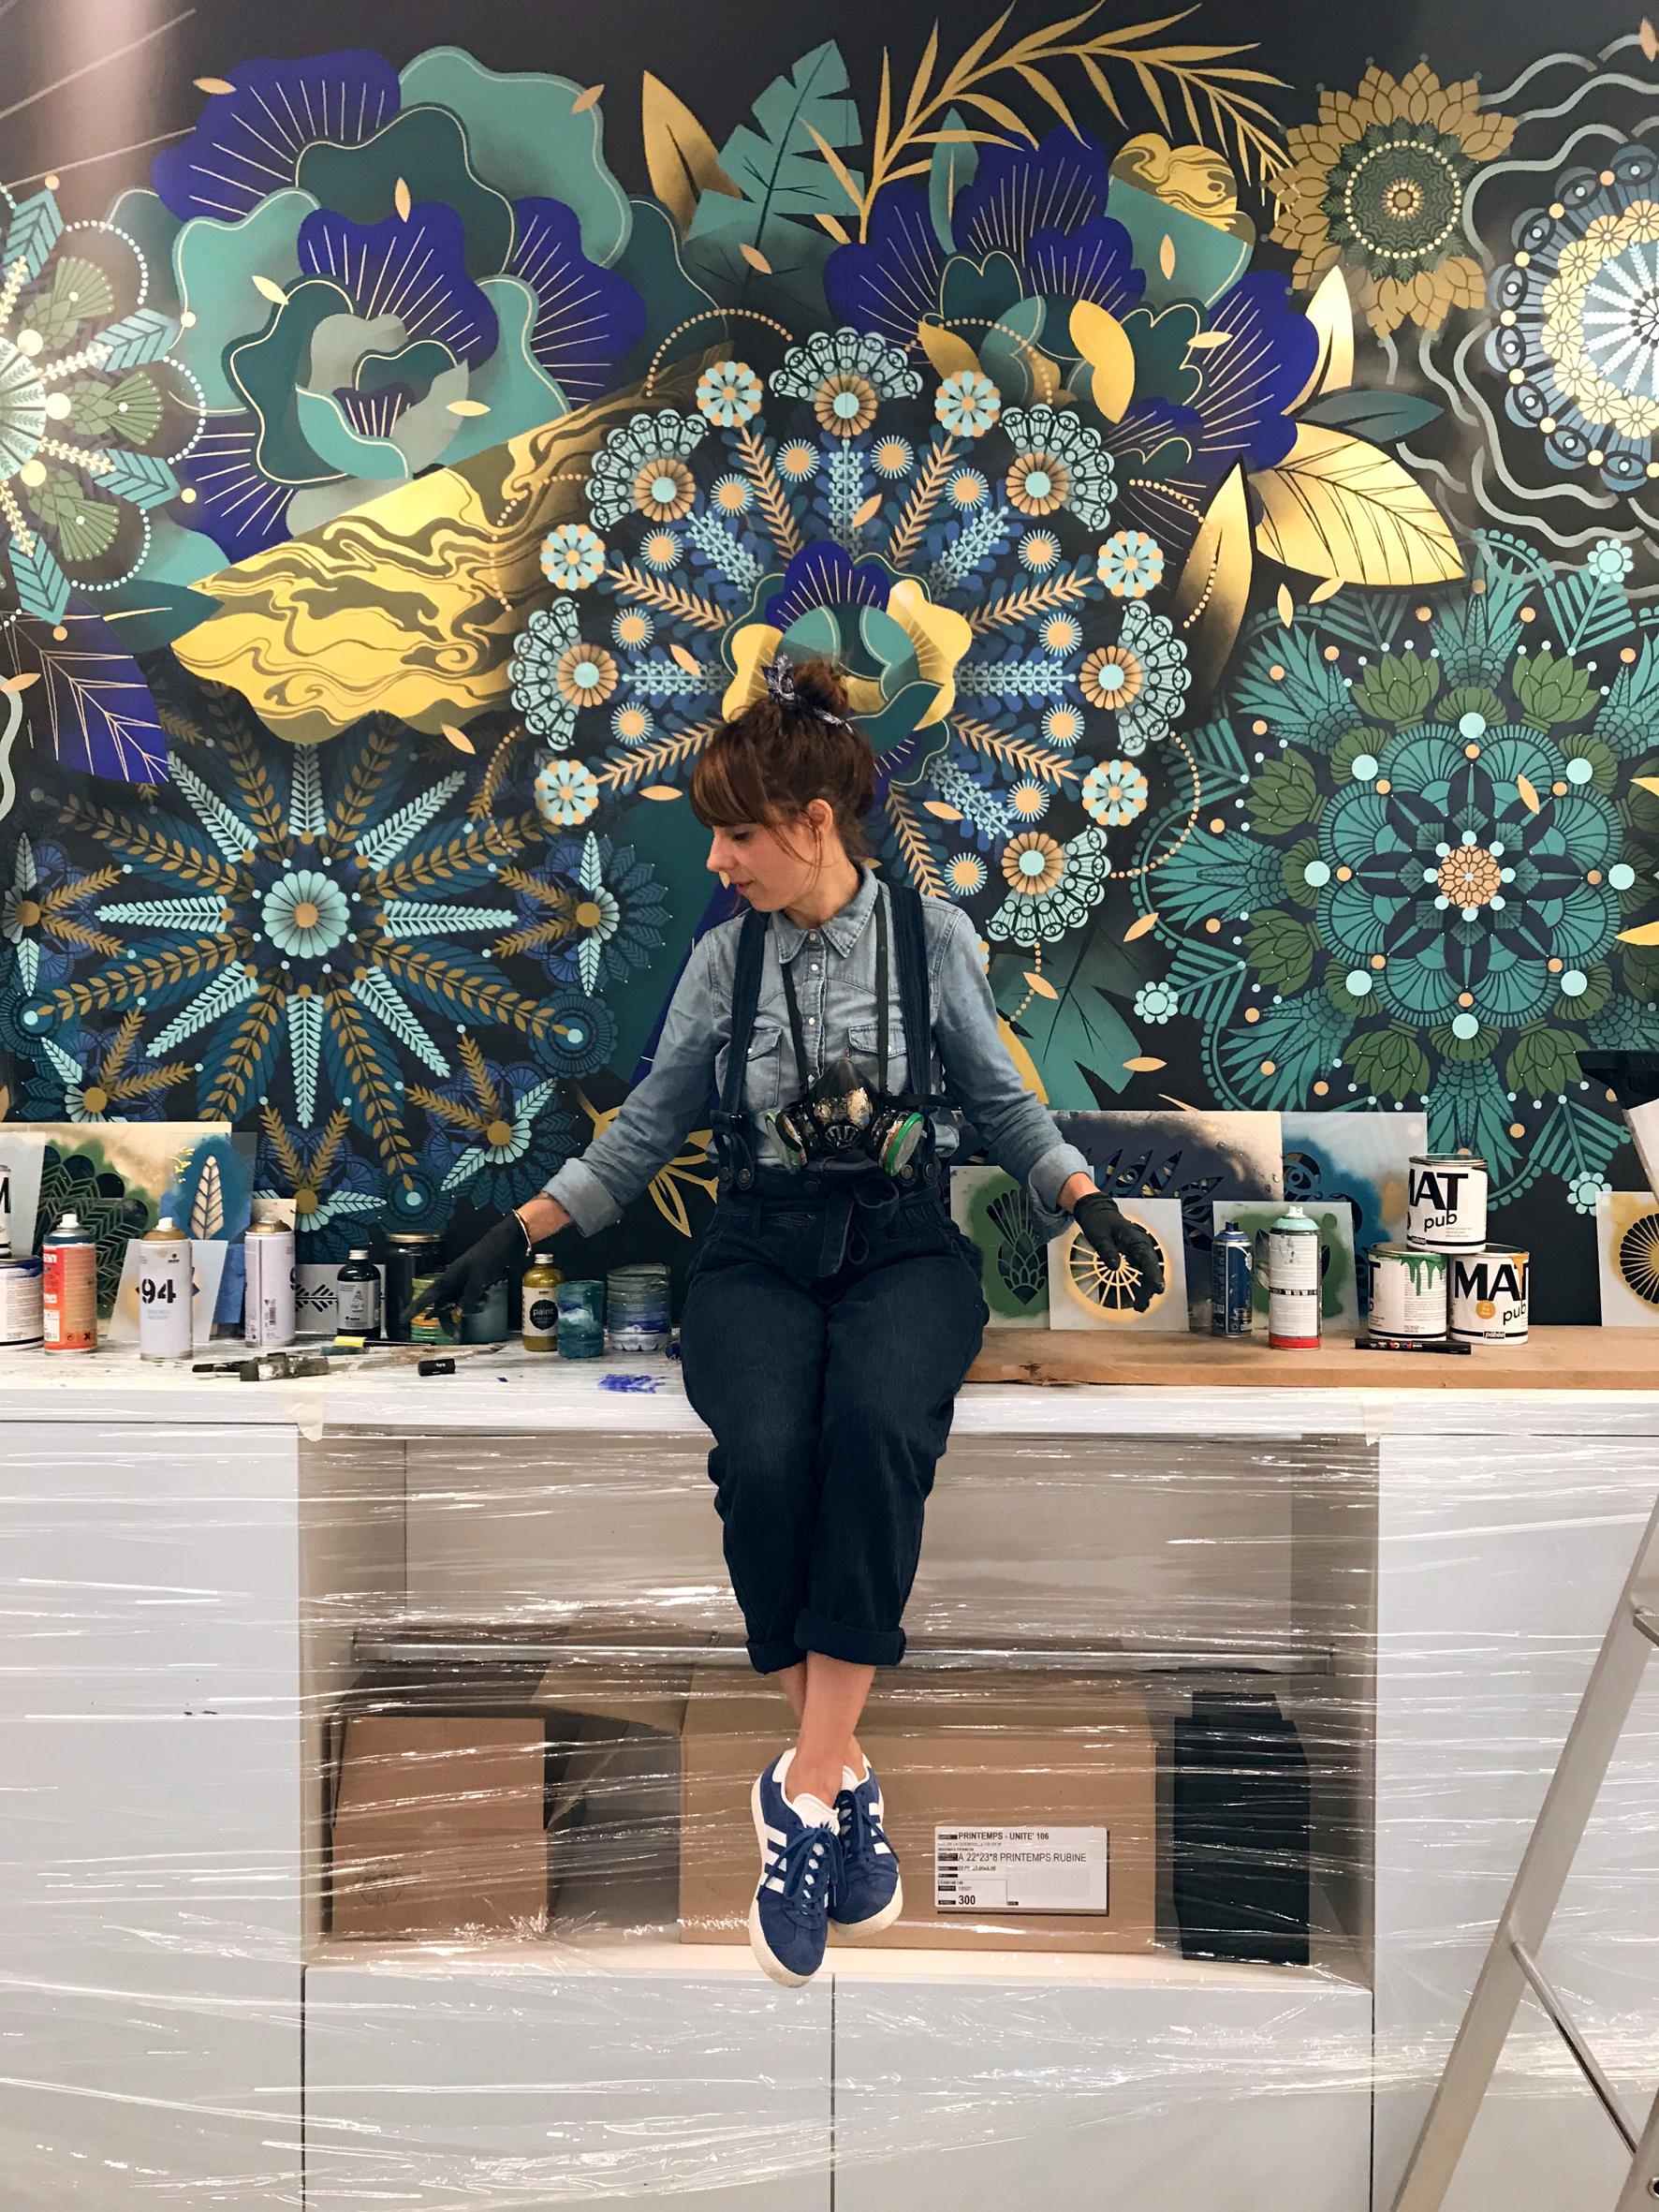 Mur Végétal #3  - Le printemps, Miramas - FR | 2017 w/ SupaKitch